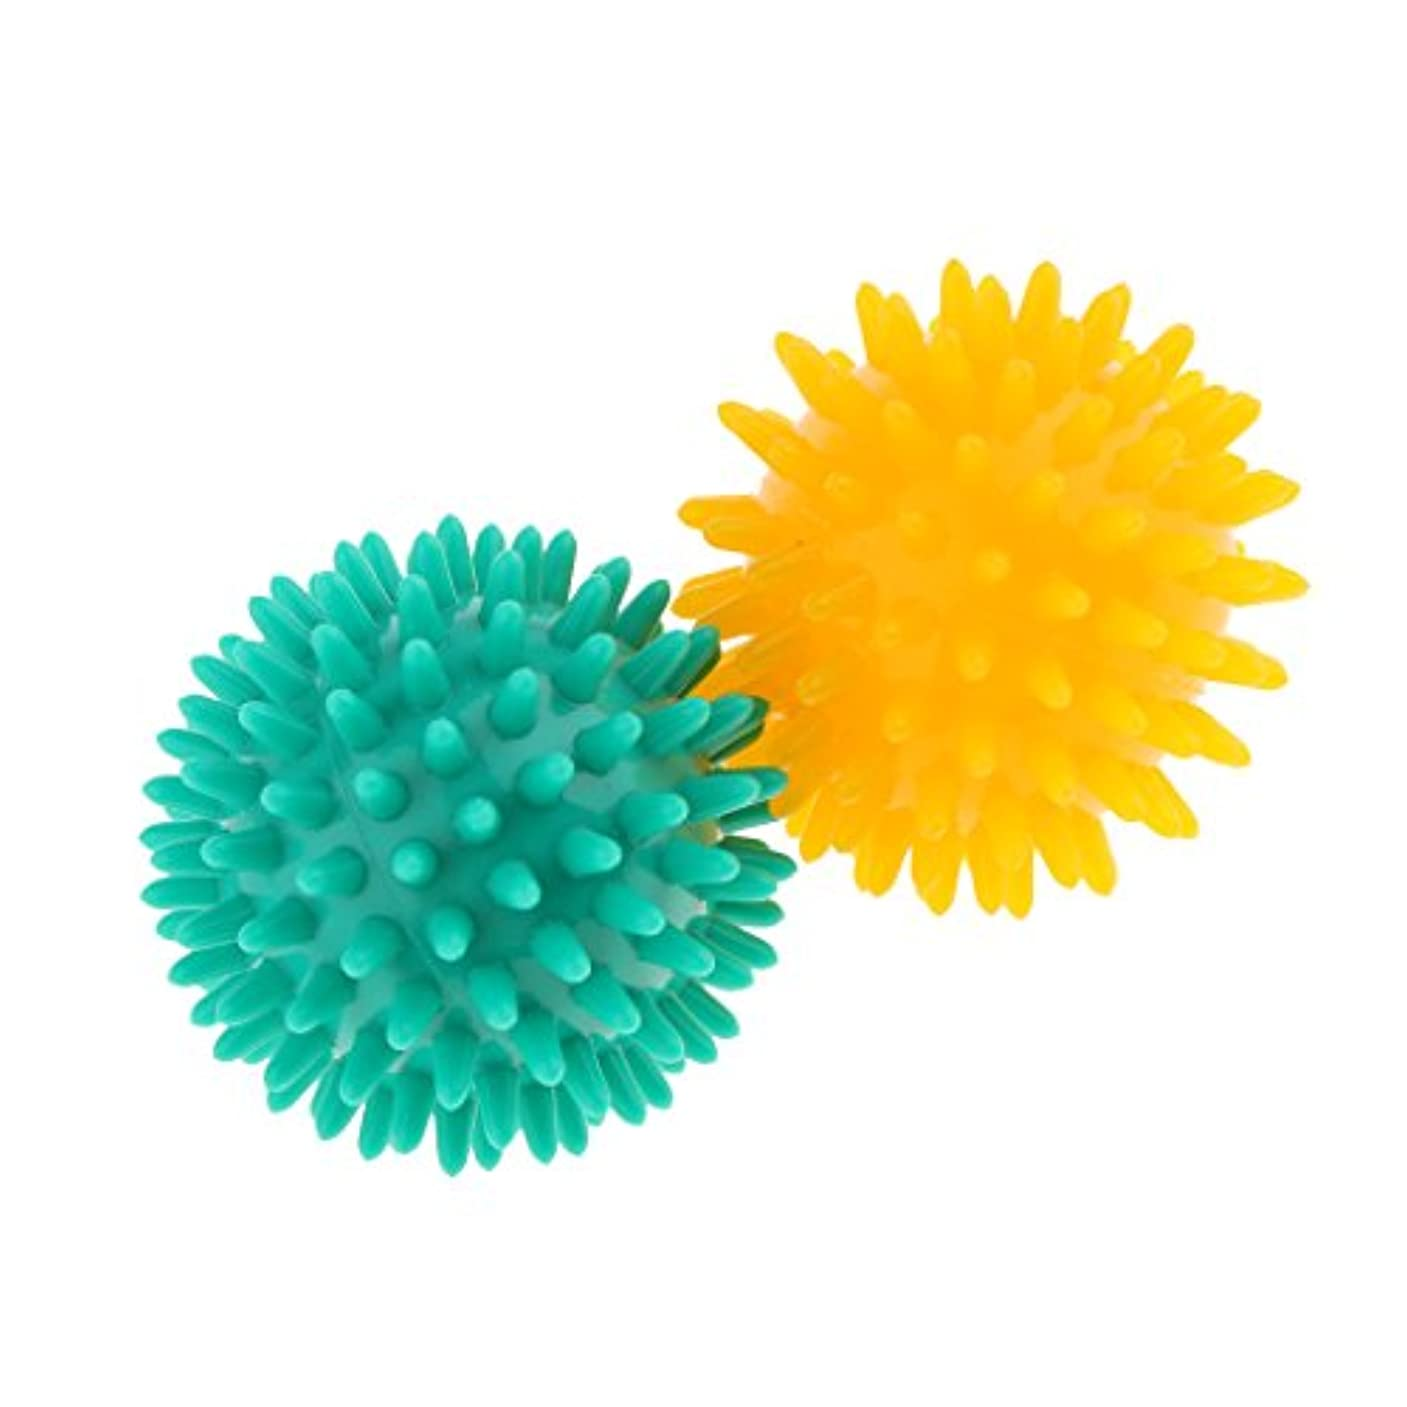 卵柔らかさ日記Baosity マッサージボール スパイシー マッサージ ボディトリガー リラックス PVC 2個セット 3タイプ選べ - イエローグリーン